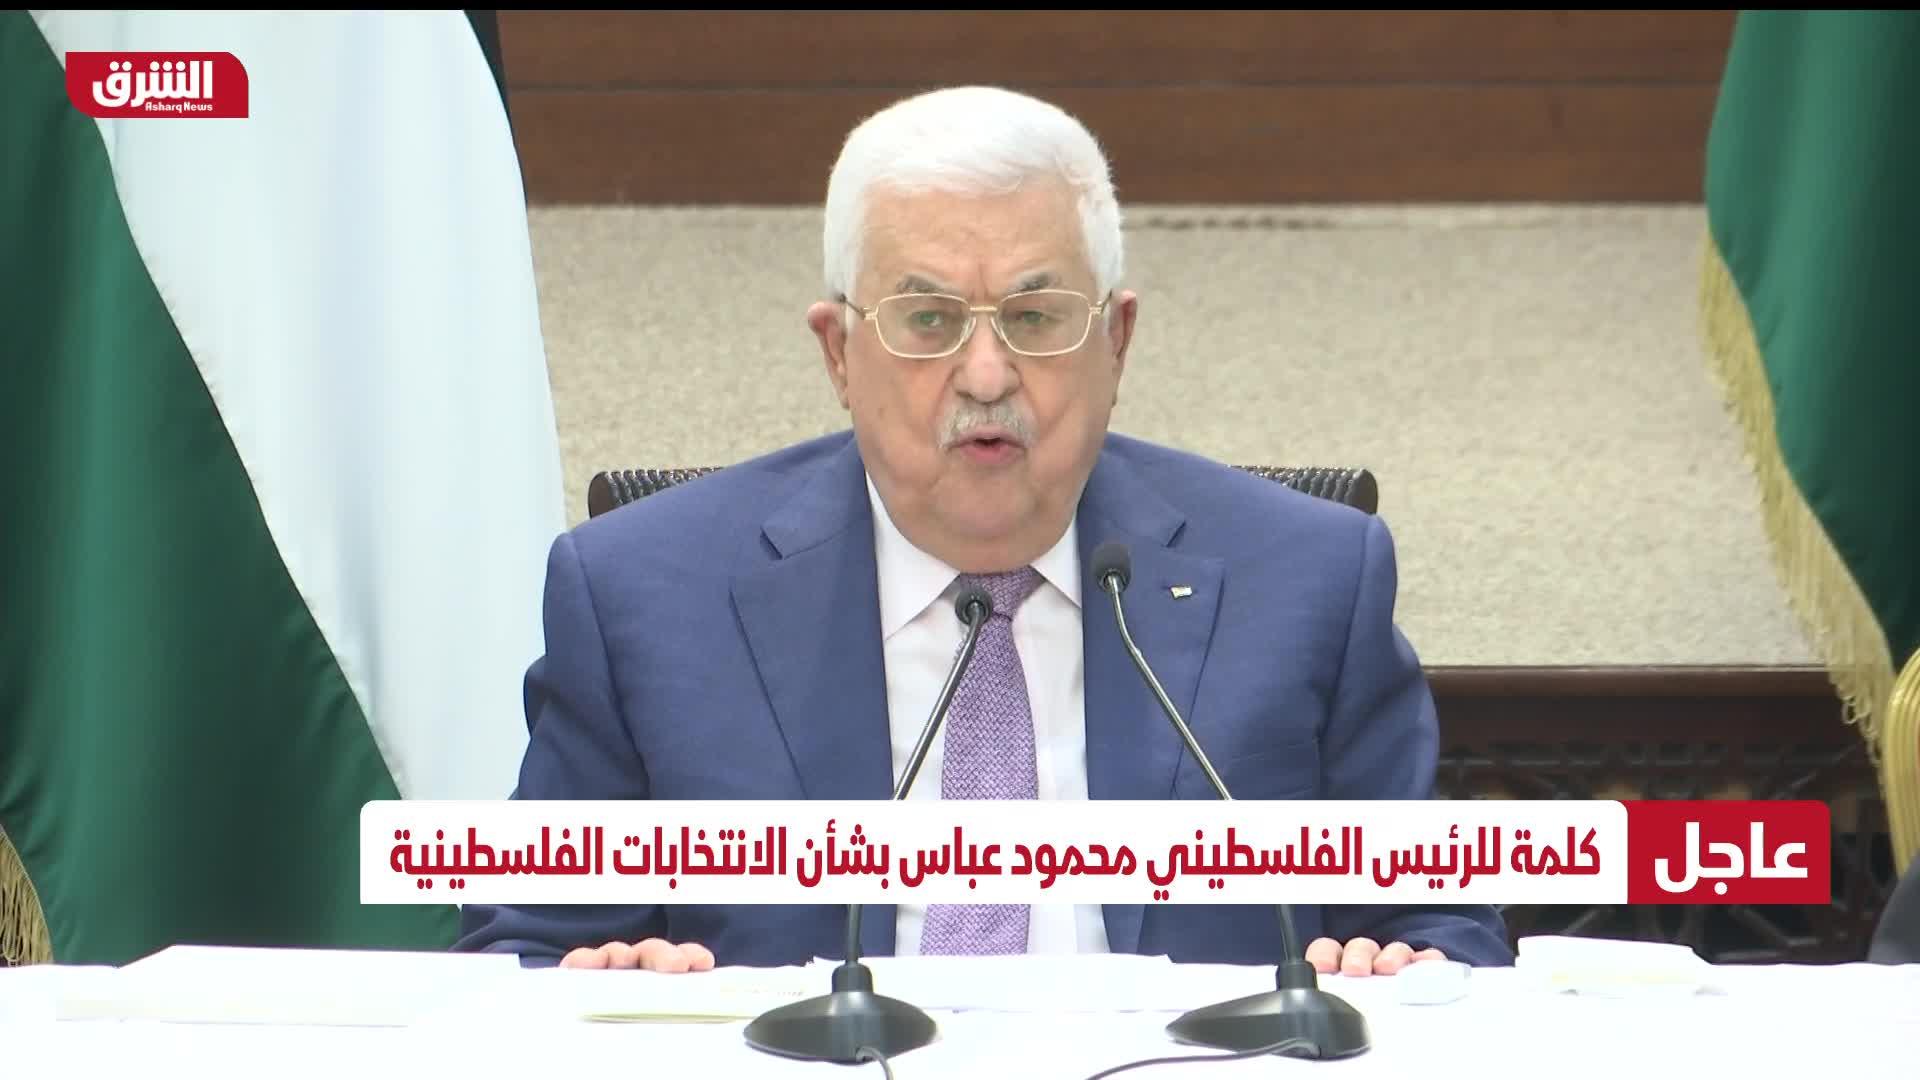 كلمة الرئيس الفلسطيني محمود عباس بشأن الانتخابات التشريعية